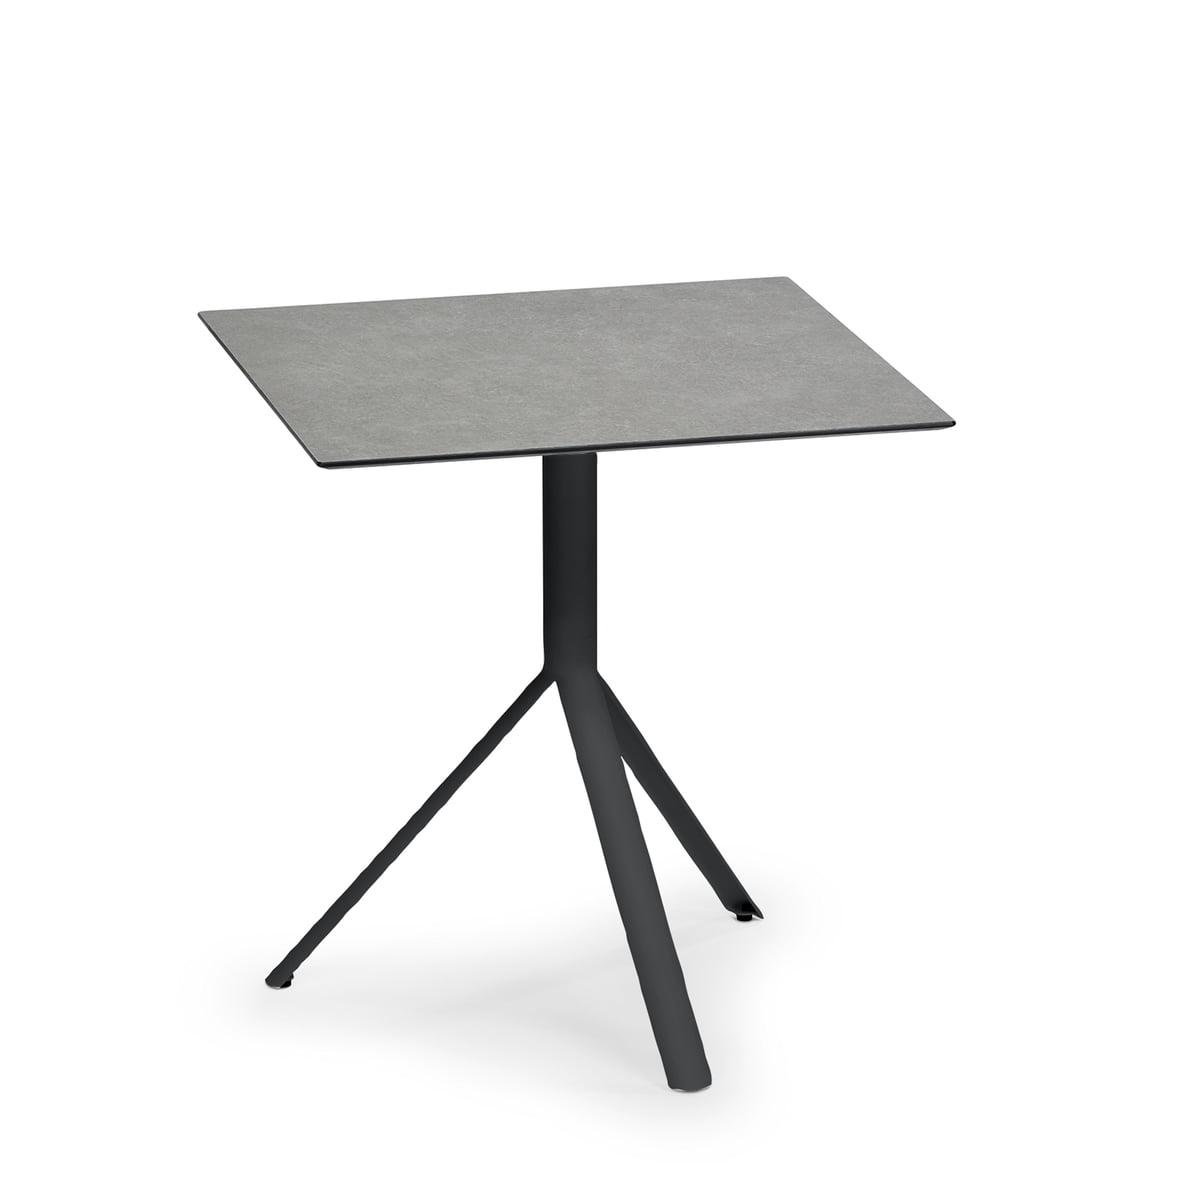 Weishäupl - Trio Bistrotisch quadratisch, 70 x 70 cm, Edelstahl schwarz / HPL steingrau | Küche und Esszimmer > Bar-Möbel > Bar-Stehtische | Steingrau | Weishäupl